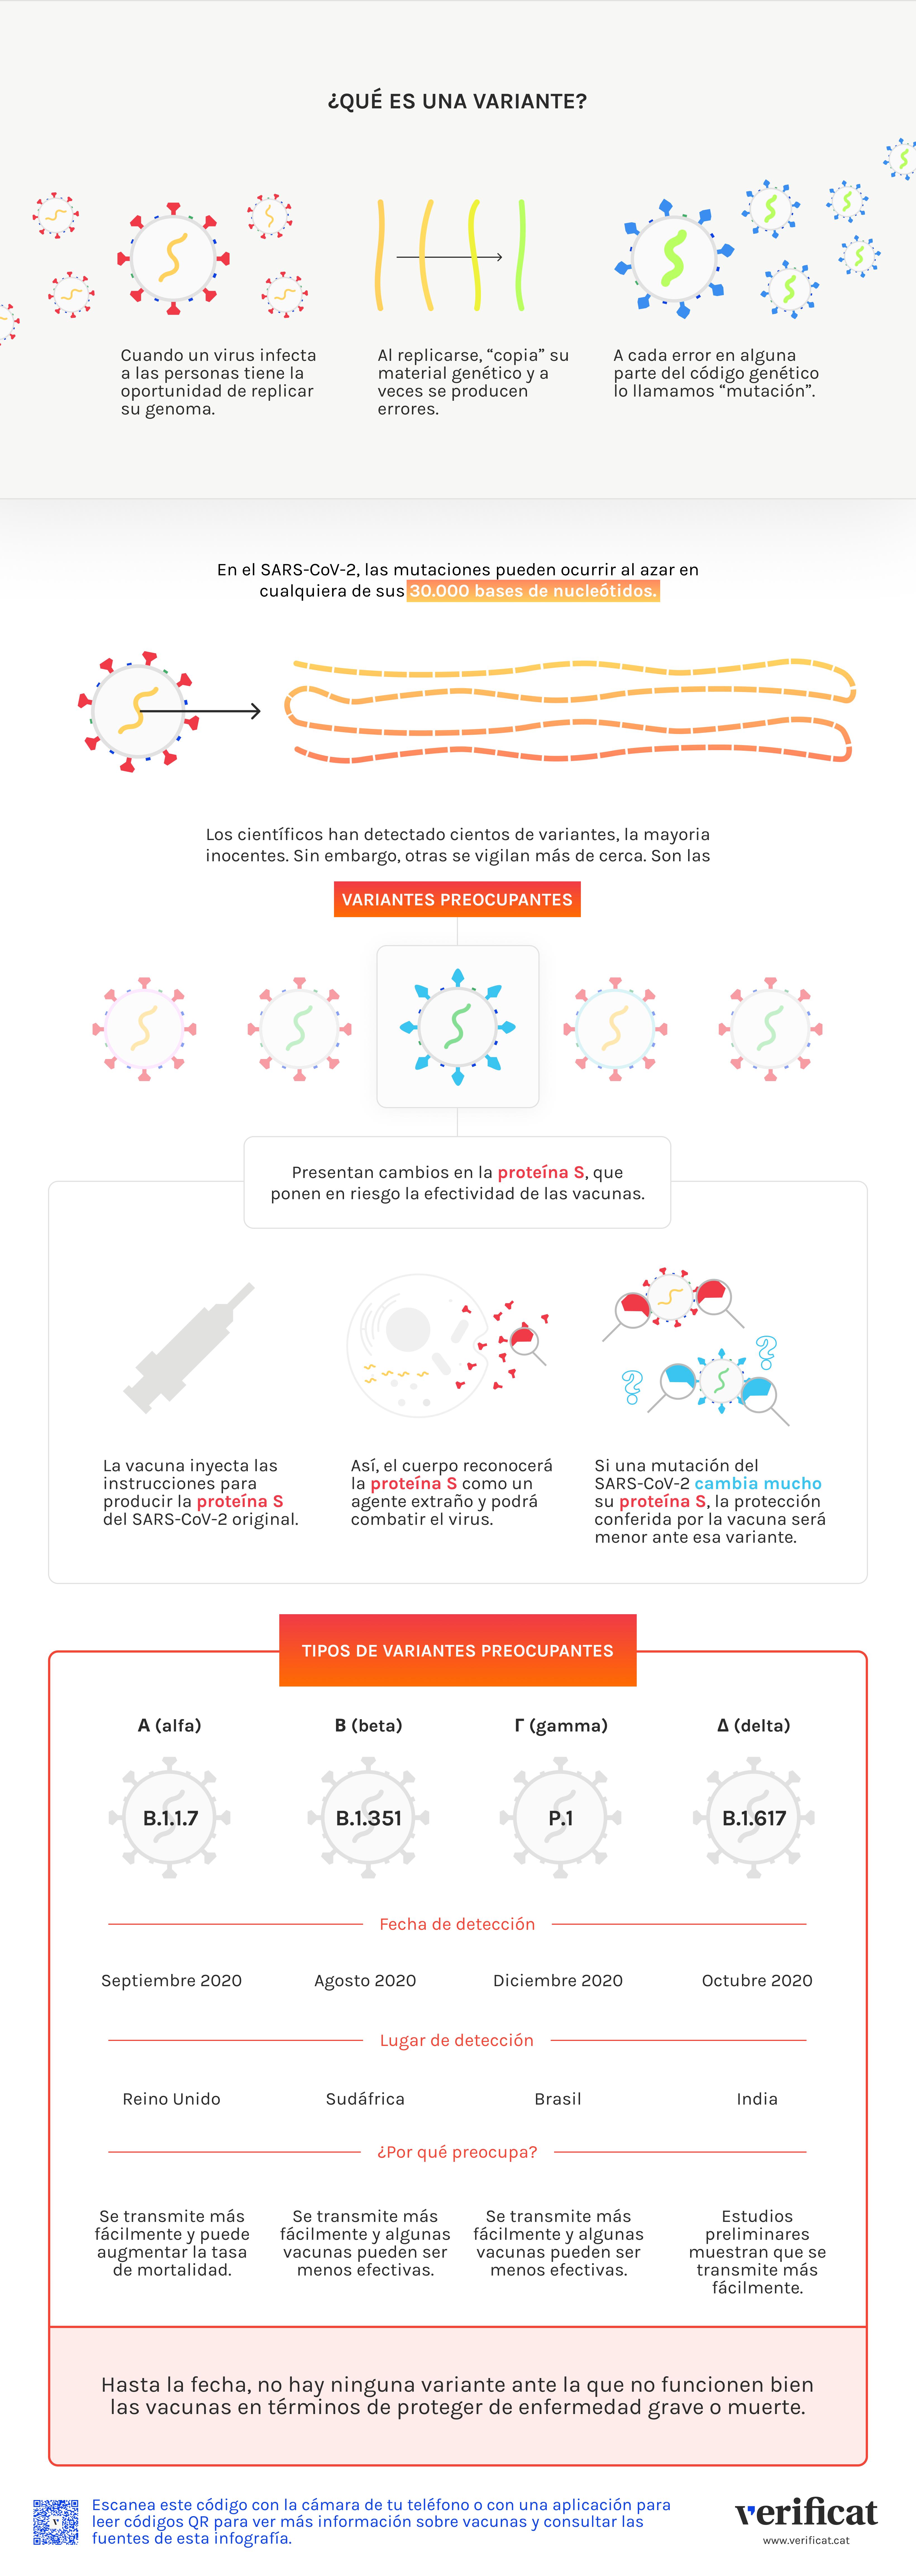 Infografía que explica la aparición de las variantes del SARS-CoV-2